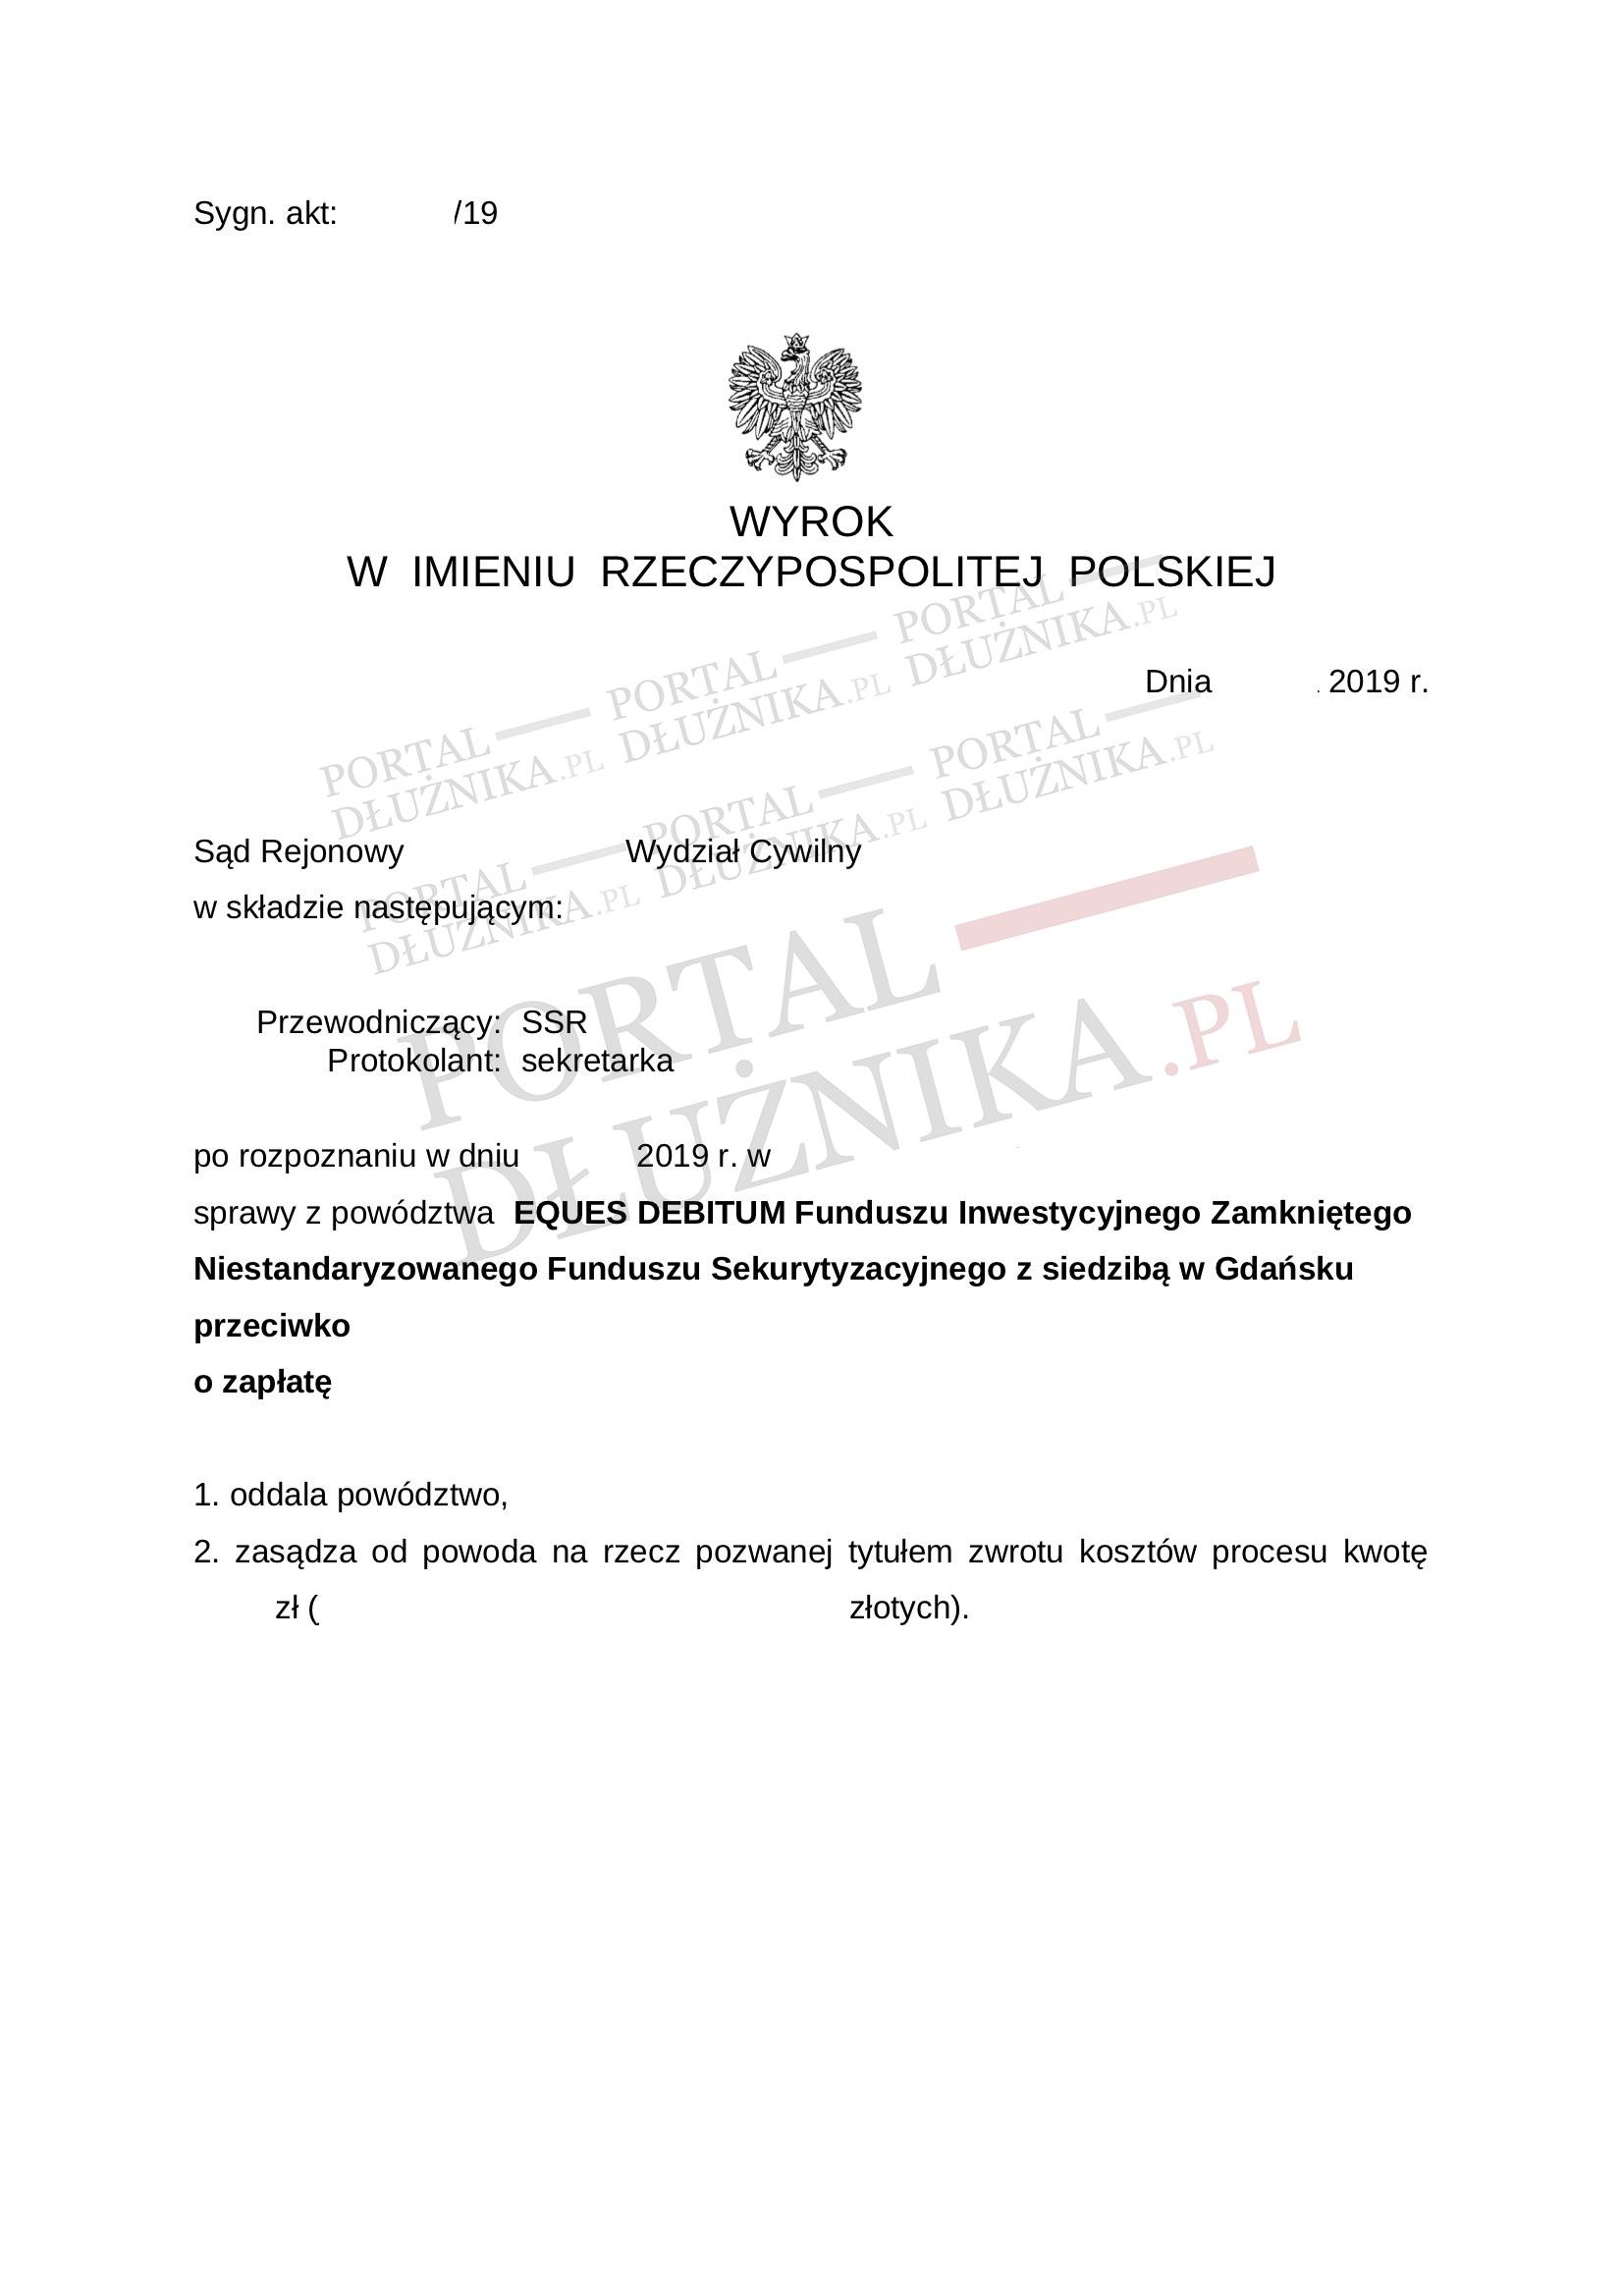 Wyrok w sprawie Eques Debitum NSFIZ